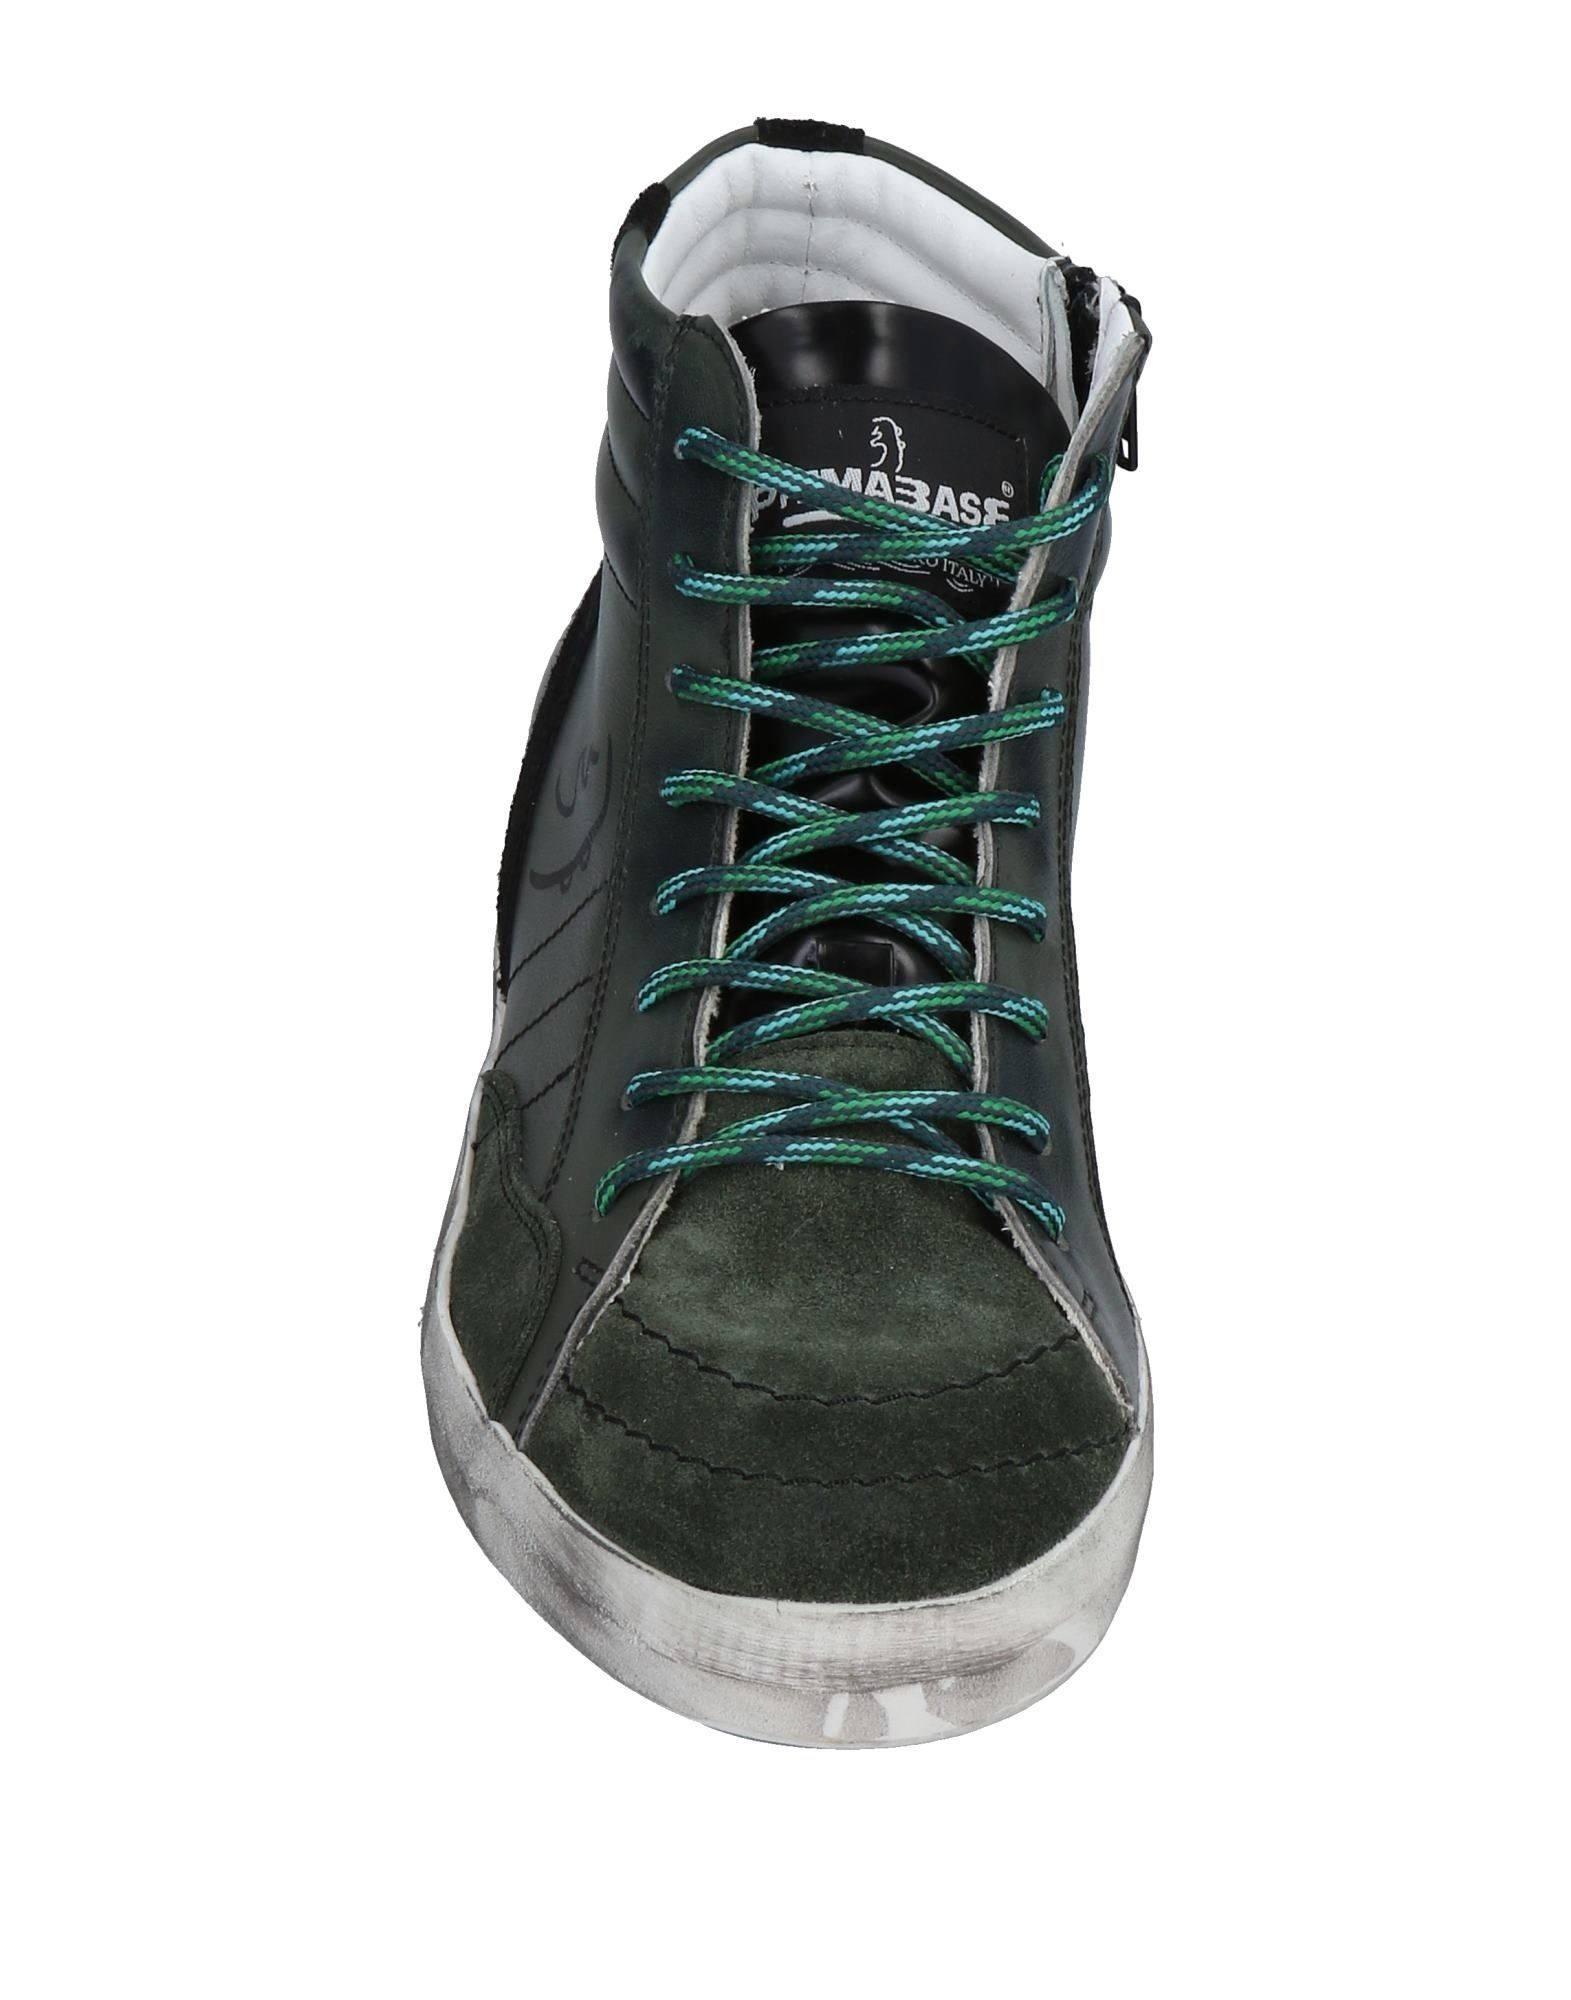 Scarpe economiche resistenti e resistenti economiche Sneakers Primabase Uomo - 11486494BV a049d4